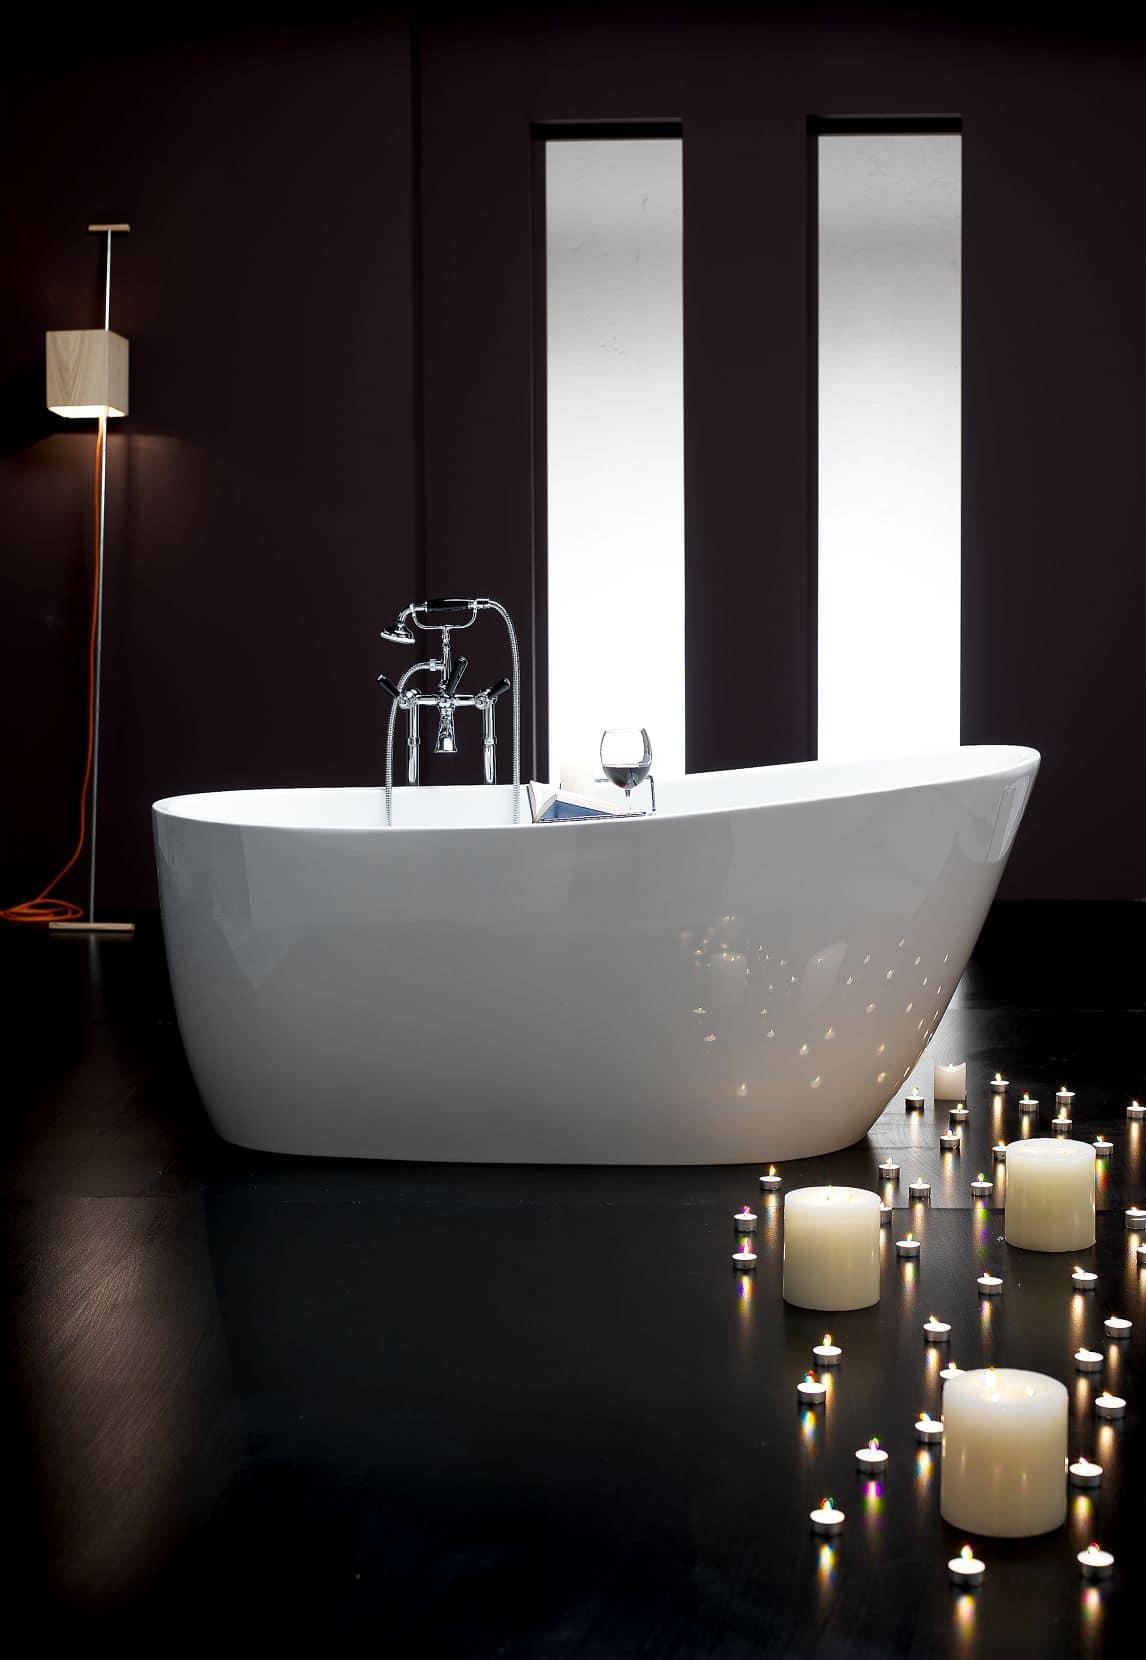 Rolls Royce, Vasca da bagno in acrilico, interno ed esterno bianco ...